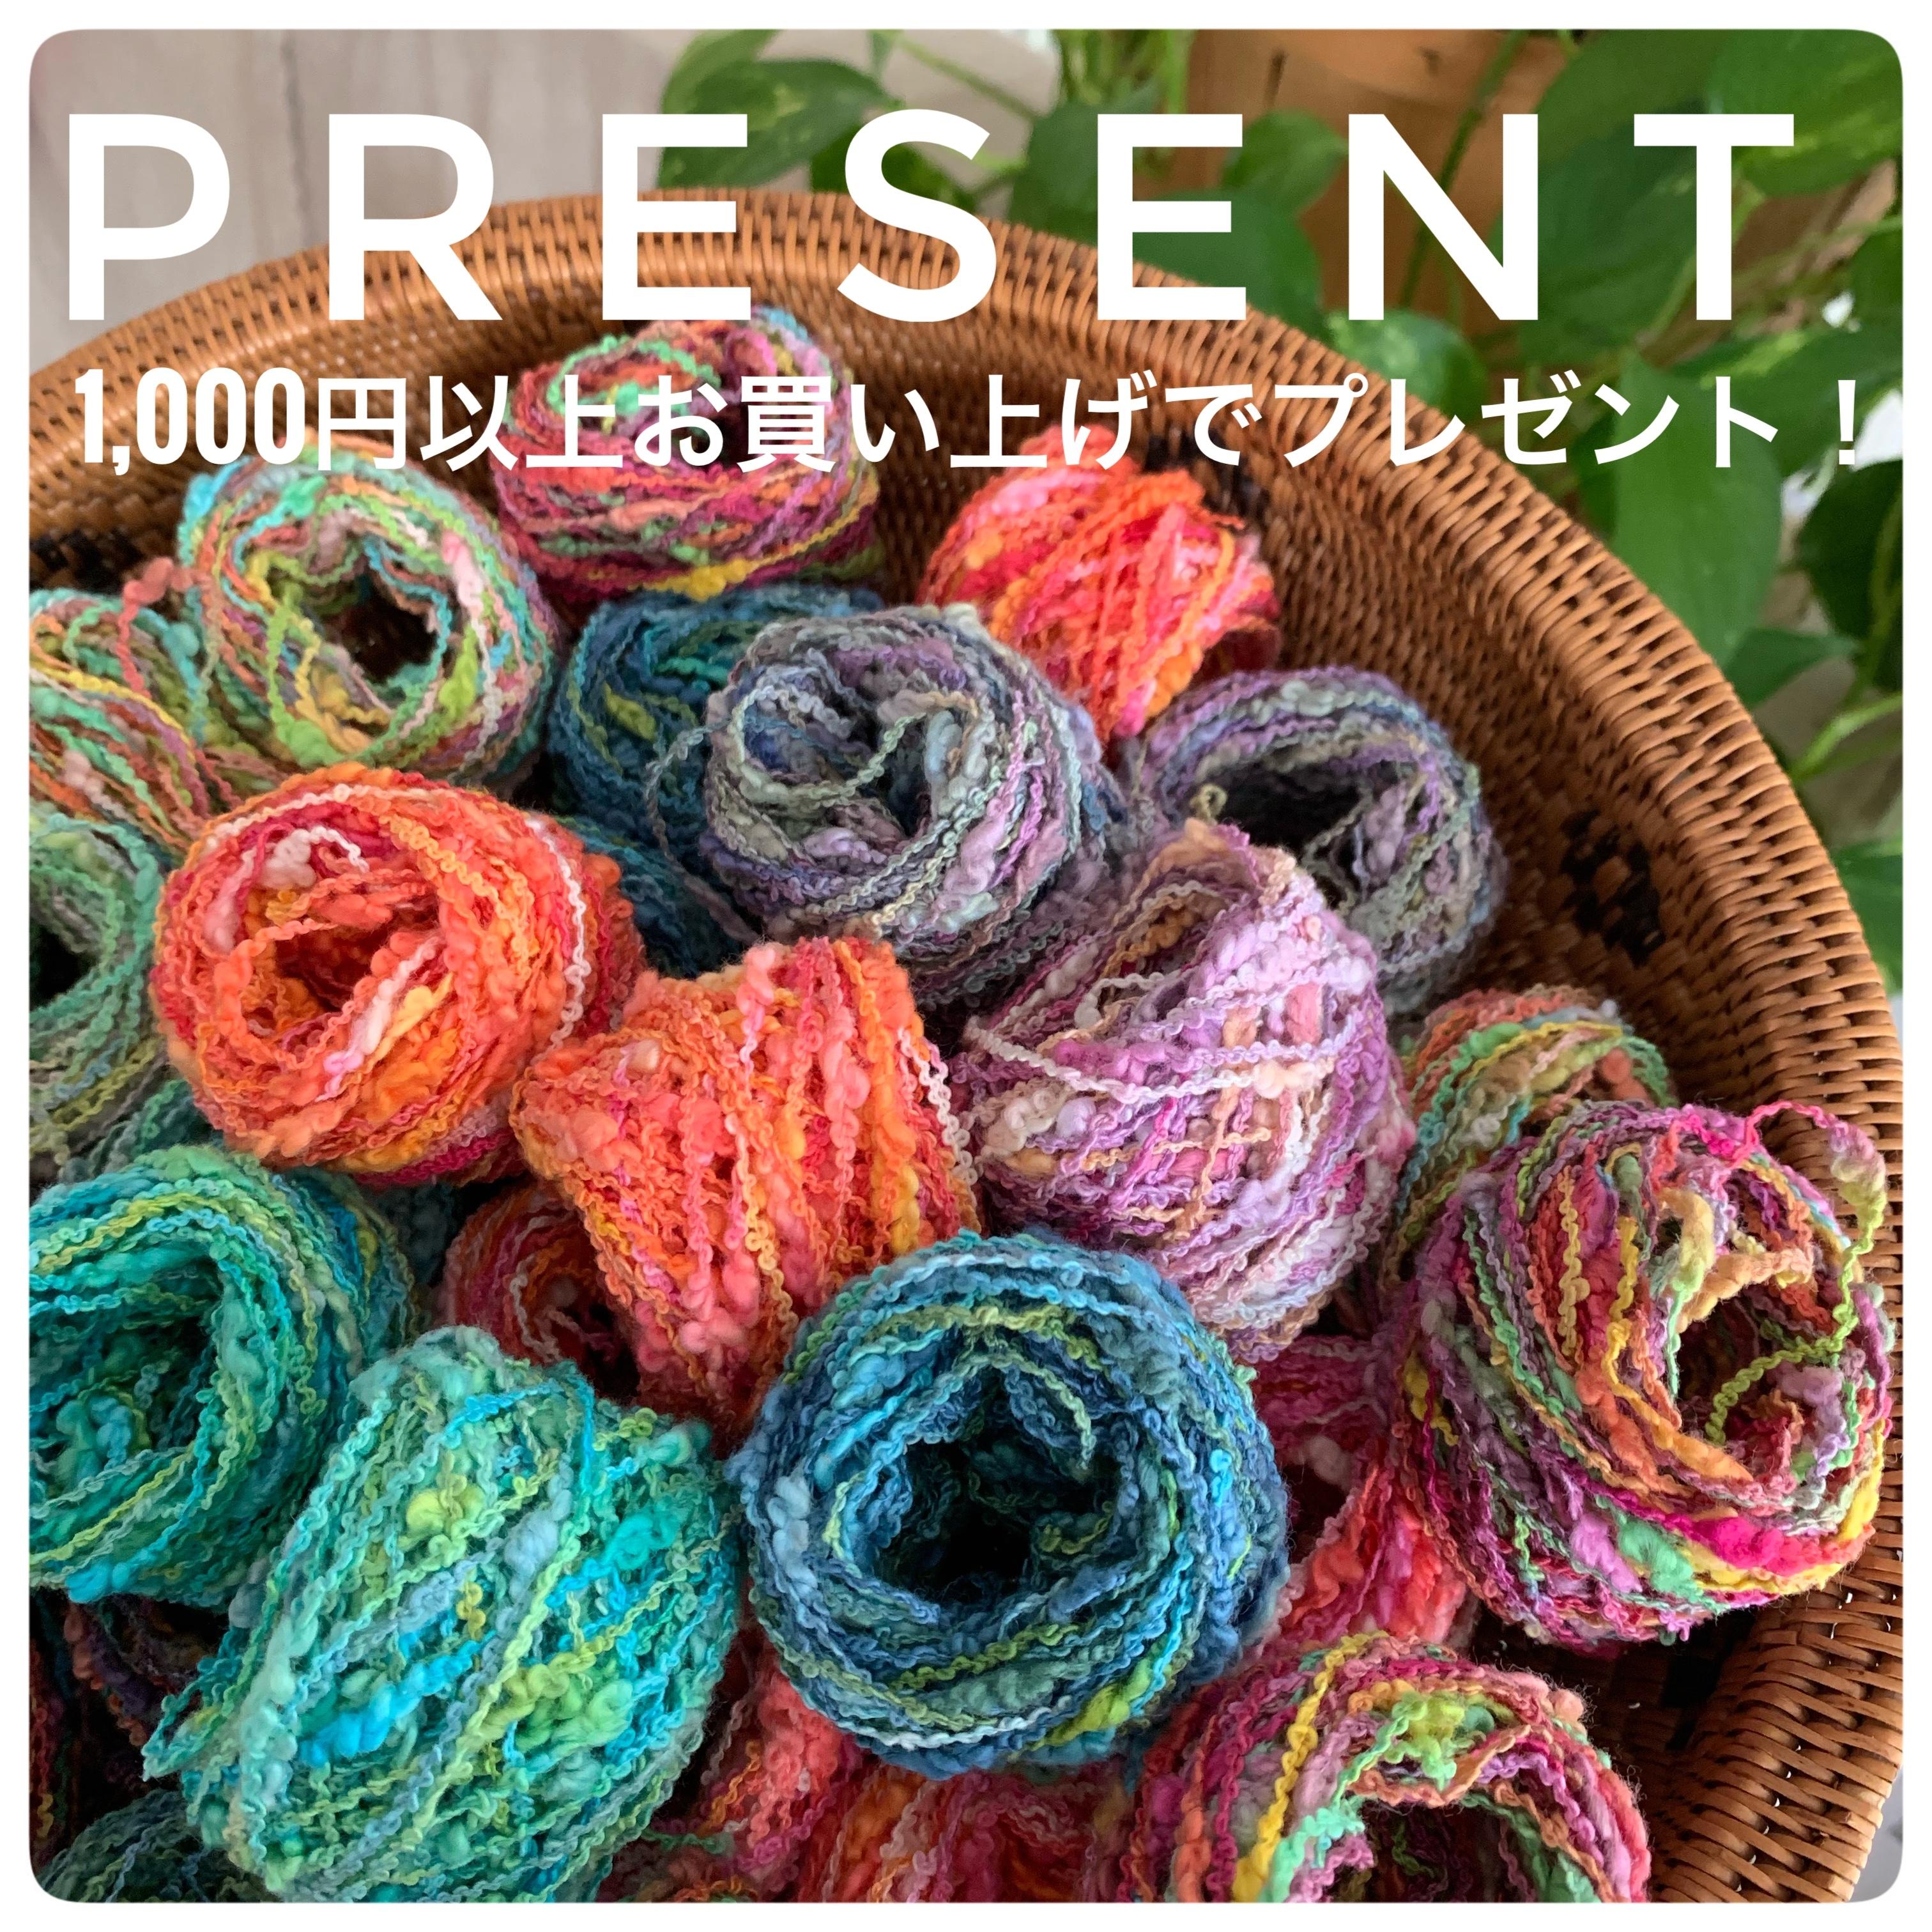 ☆PRESENT☆1,000円以上お買い上げでもれなくプレゼント!